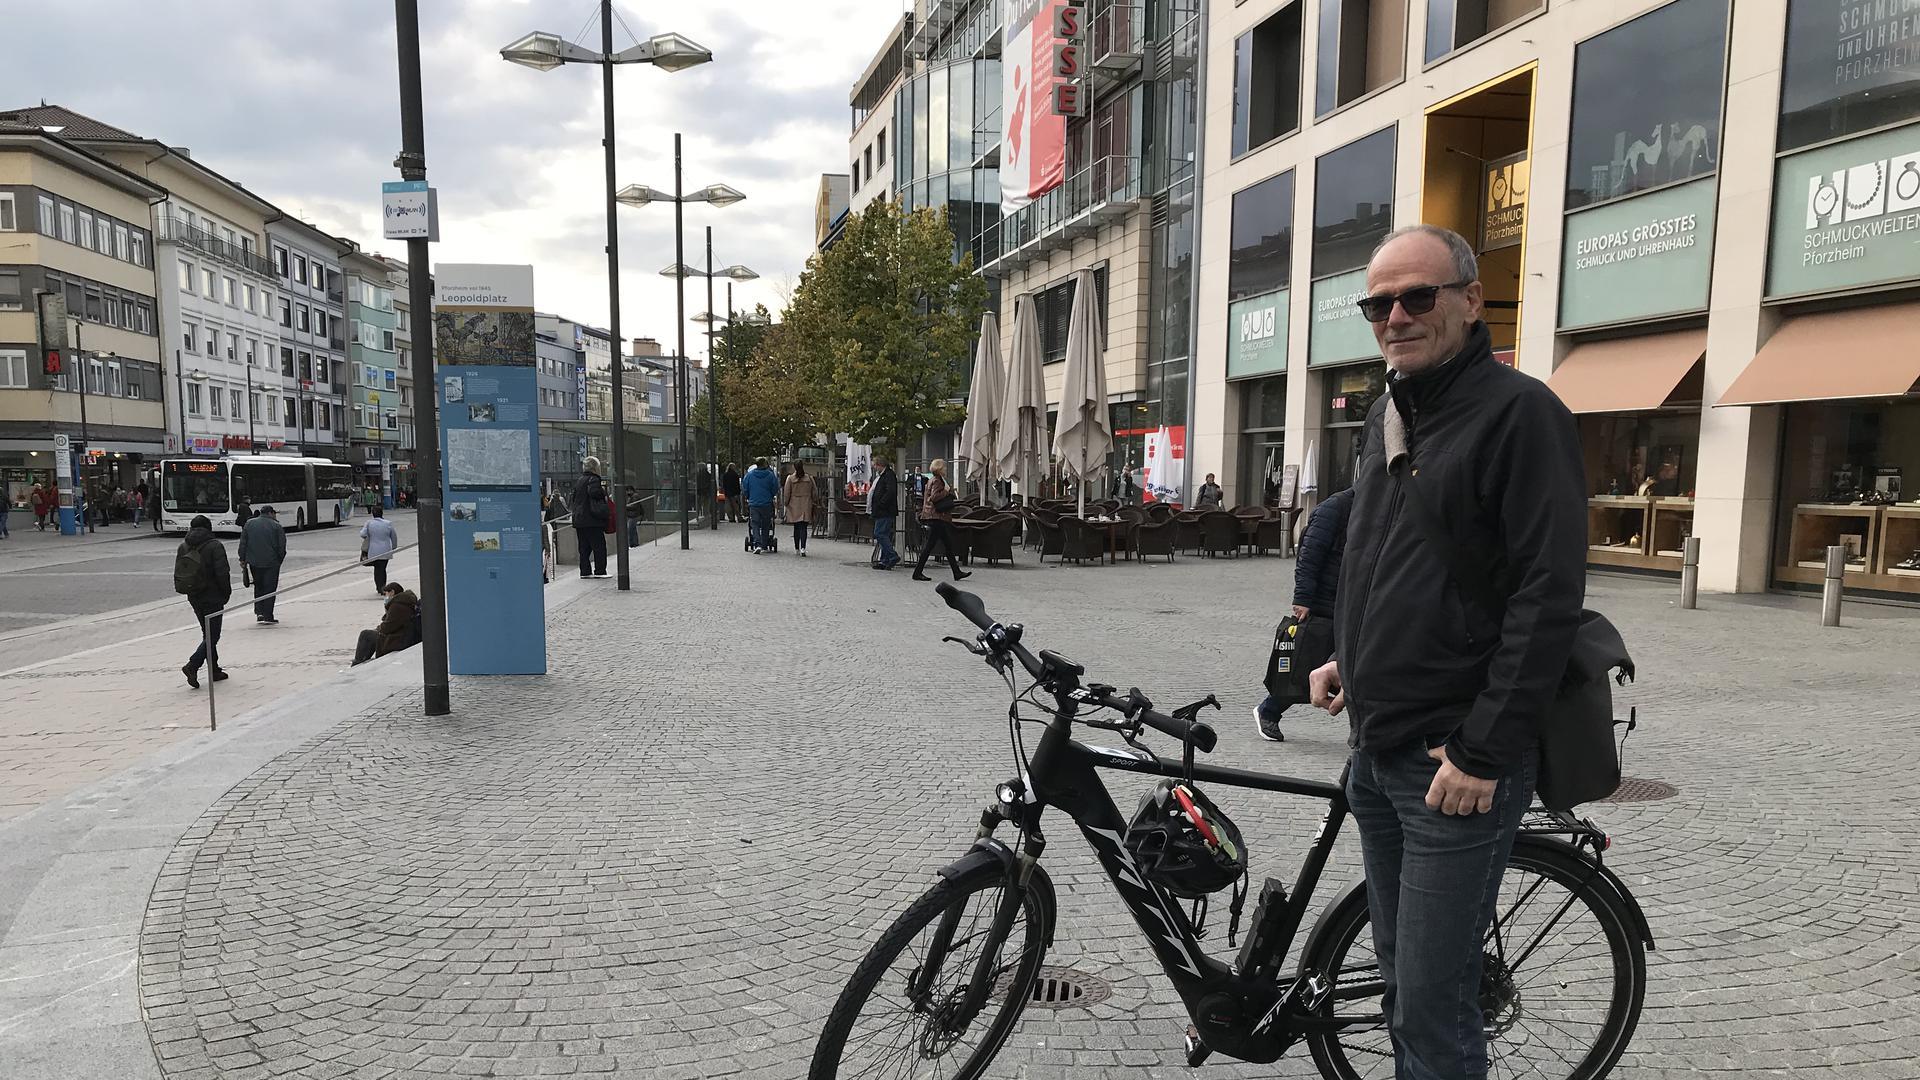 Mann mit Pedelec, im Hintergrund Pforzheimer Innenstadt.